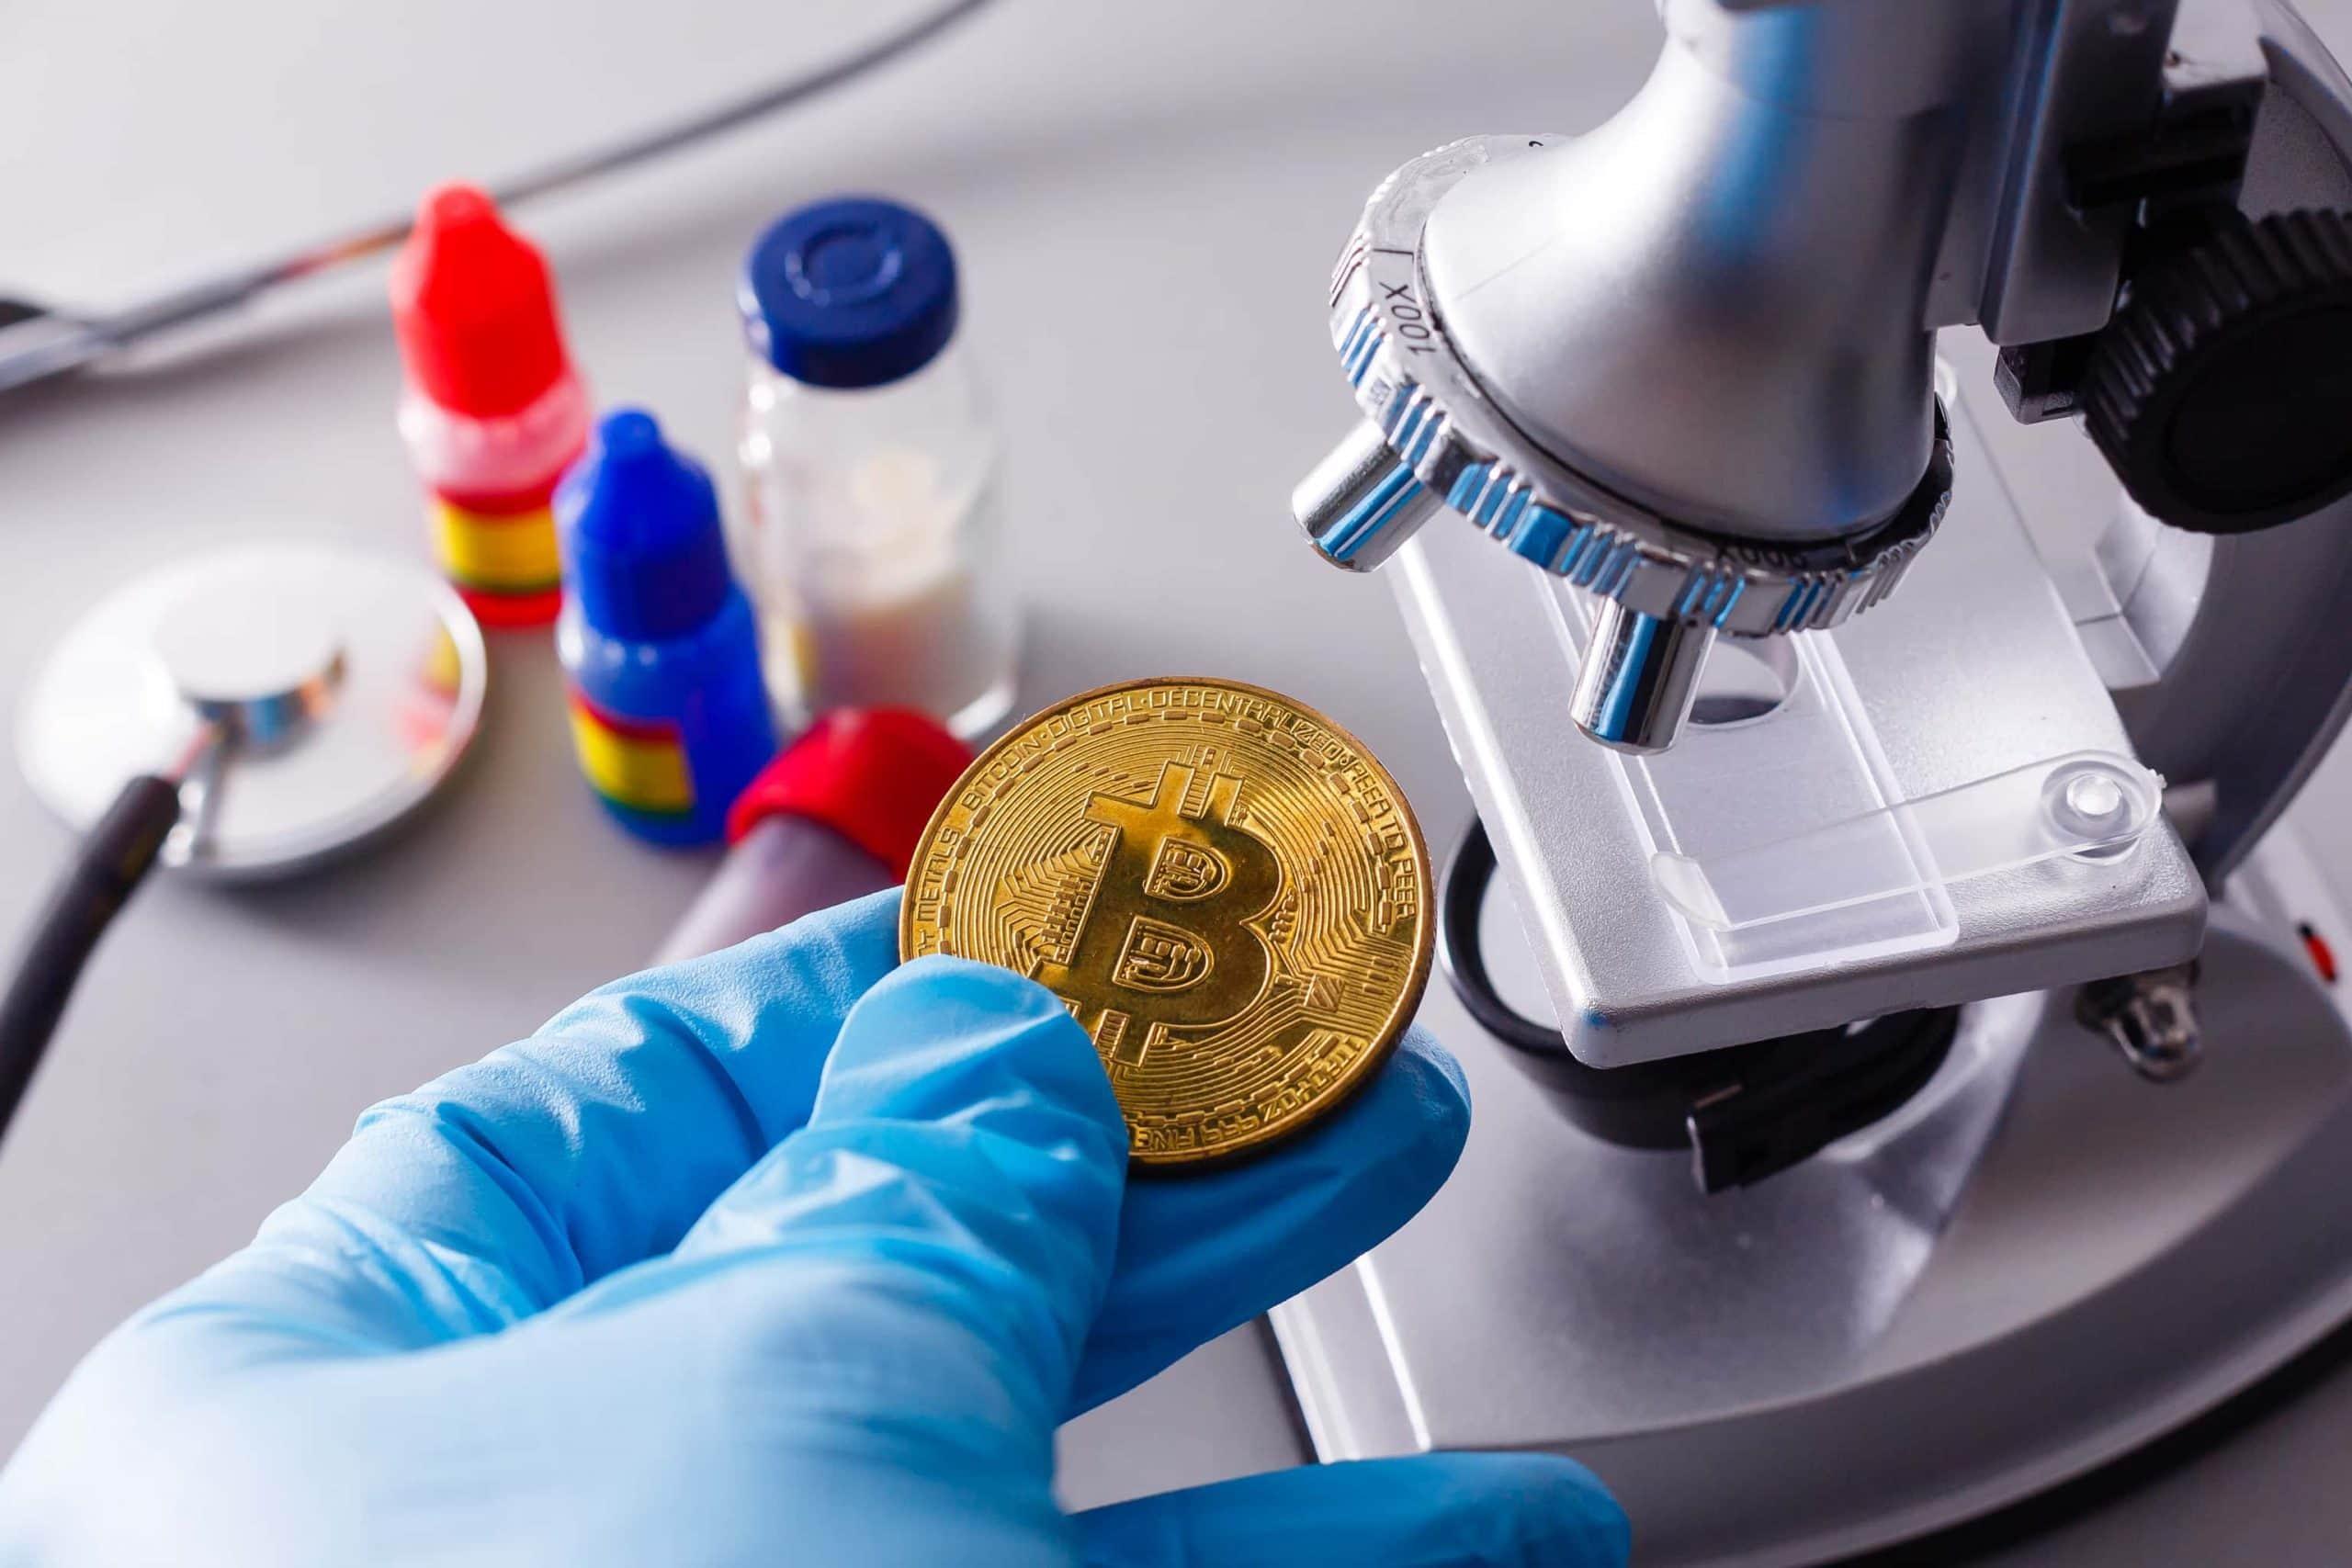 Eine Bitcoin Münze die unter ein Mikroskop gelegt wird.